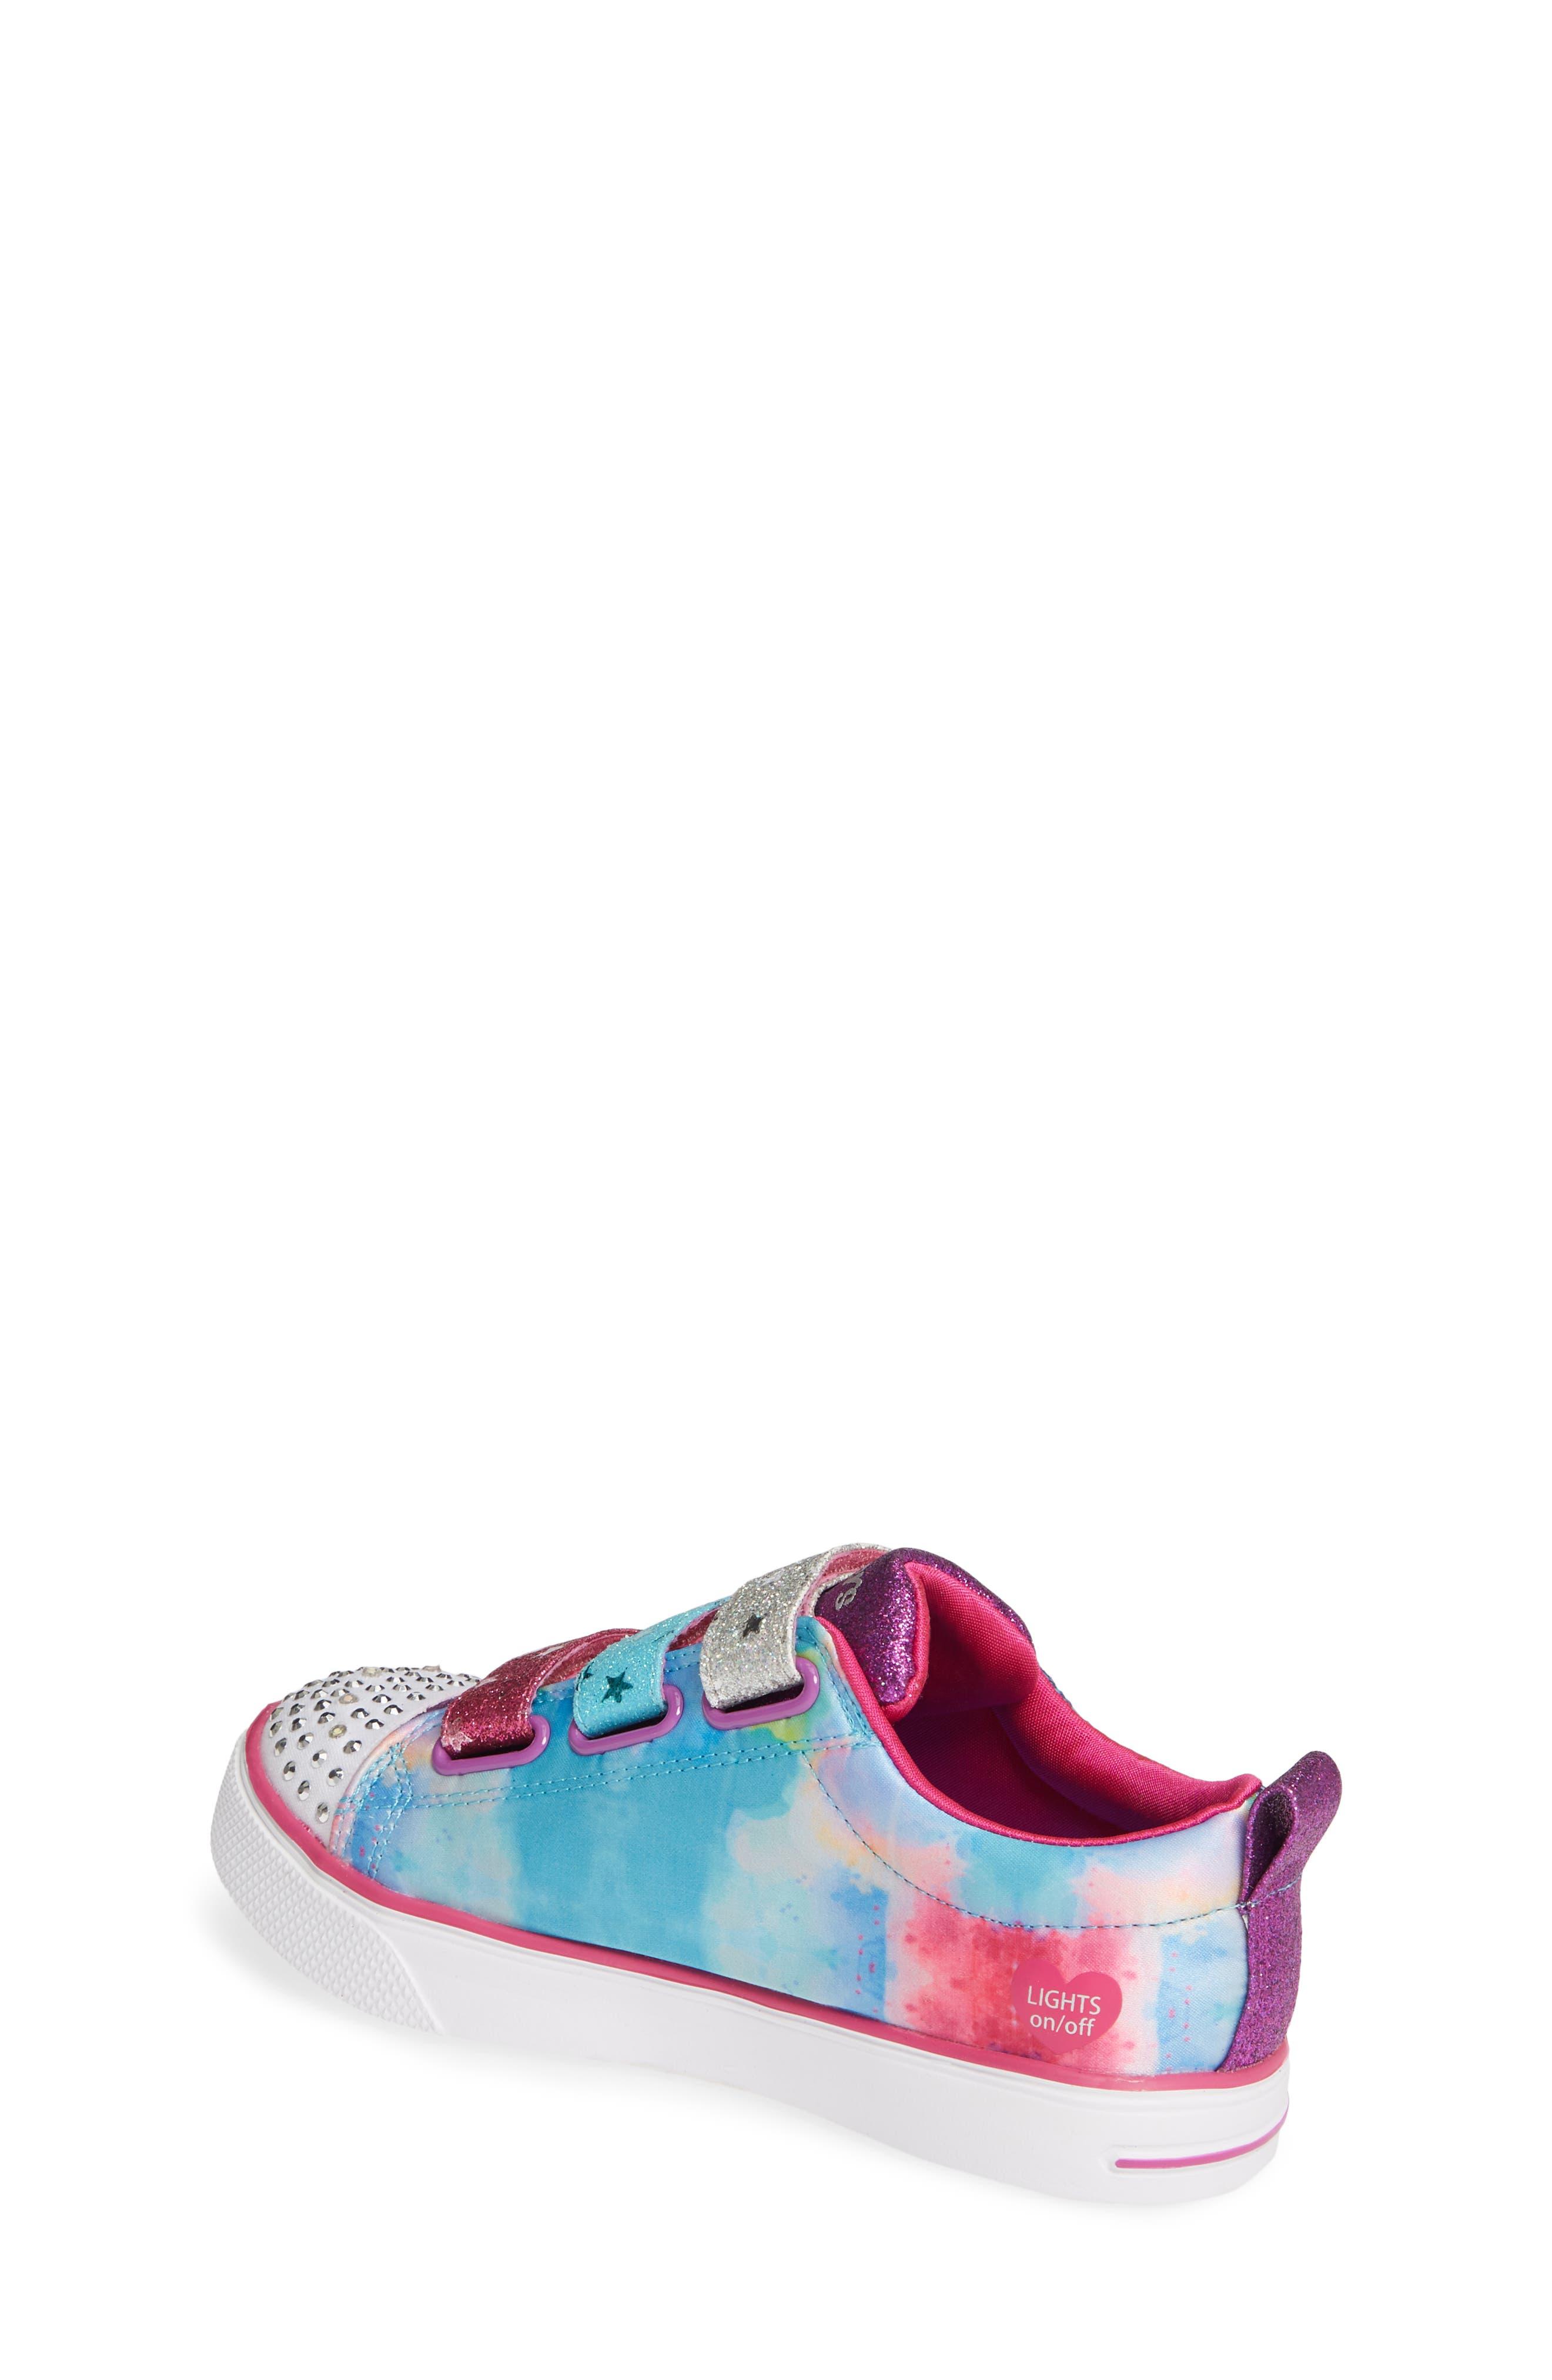 Little Girls  SKECHERS Shoes  6894e8eeeb04